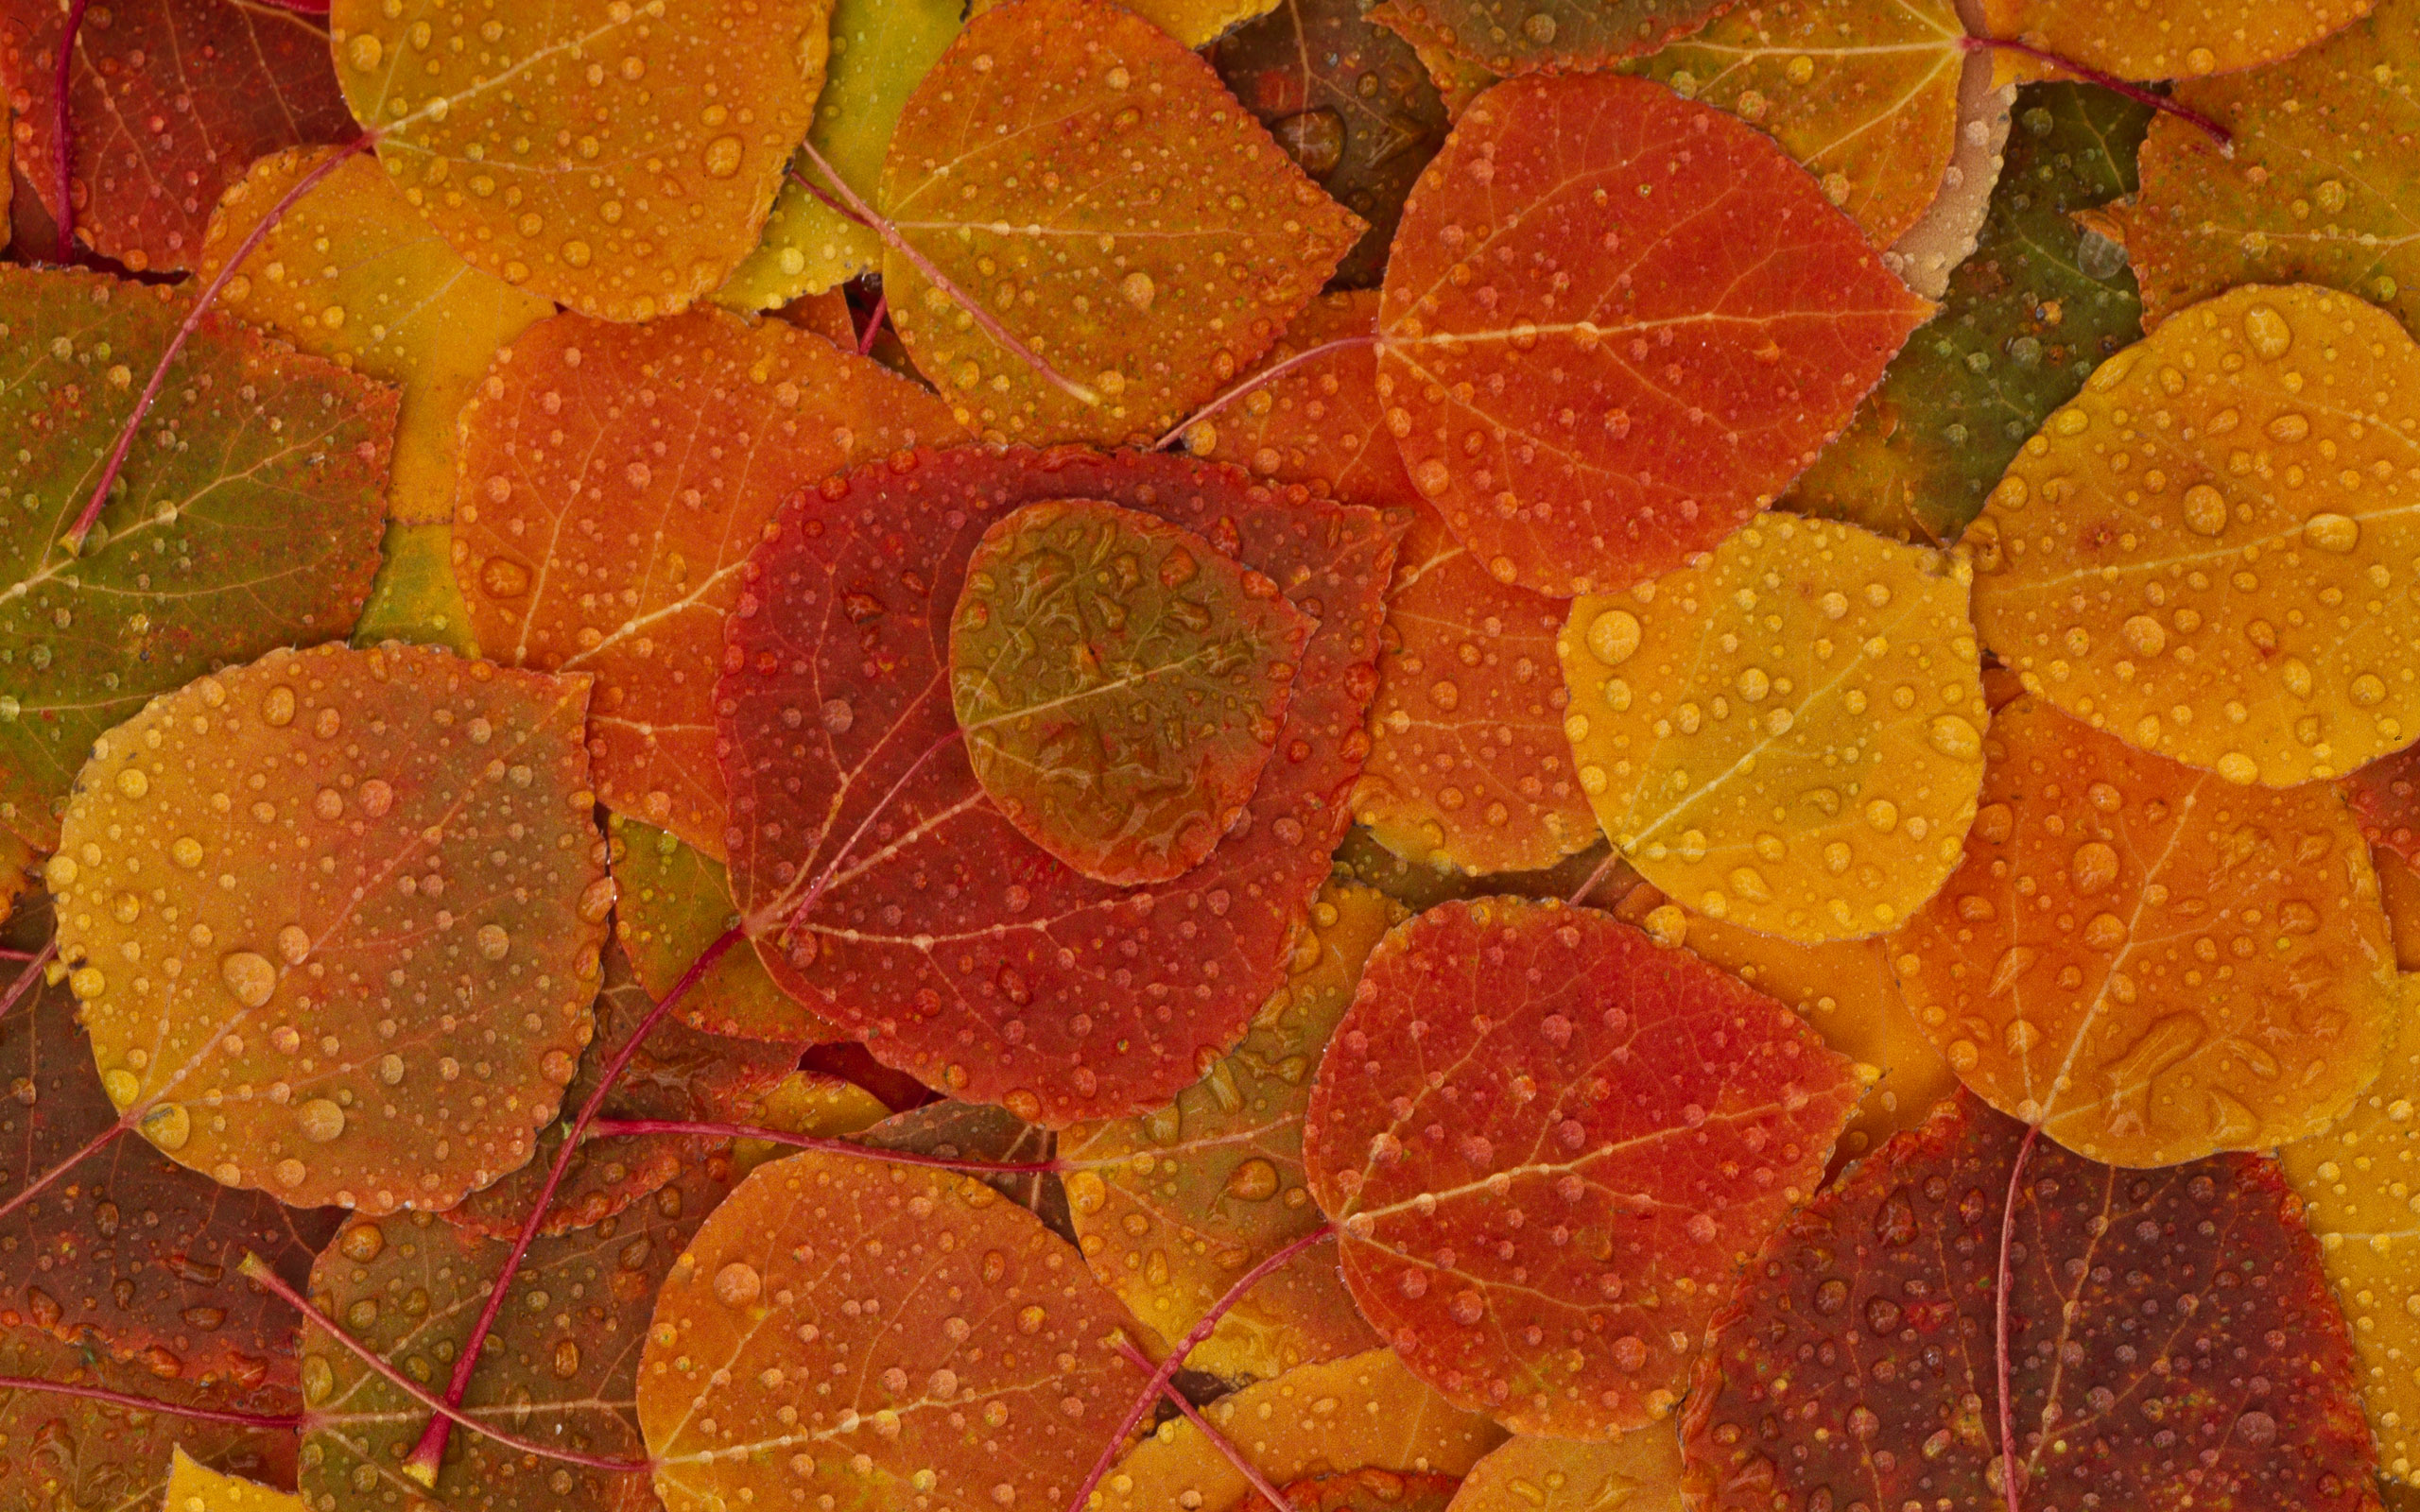 Fall Foliage Wallpaper For Desktop - WallpaperSafari